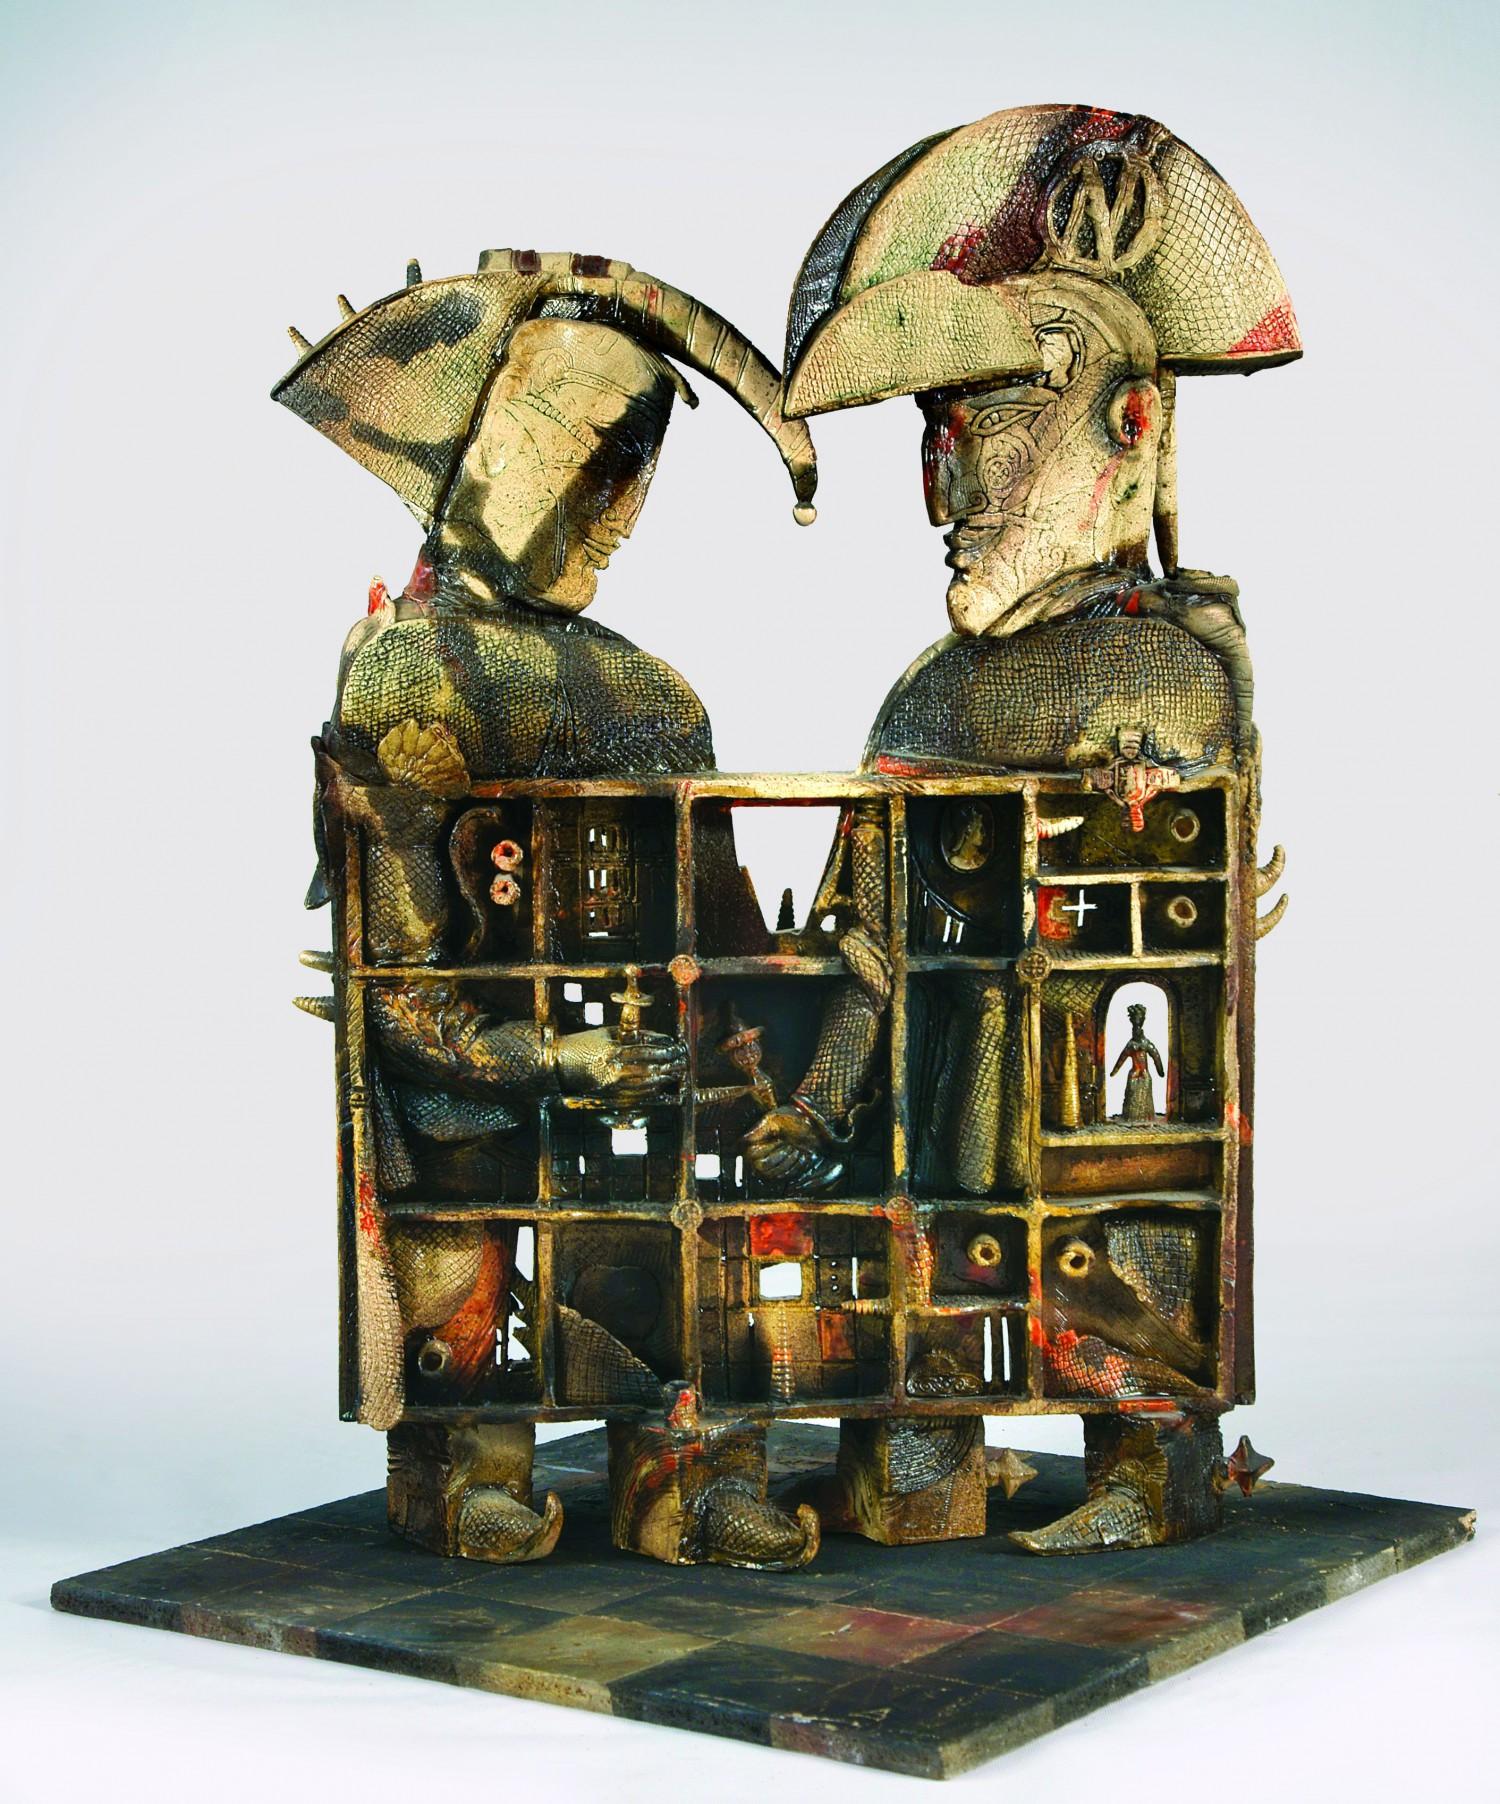 М.П.Бекетов. Игра. 2010. Шамот.